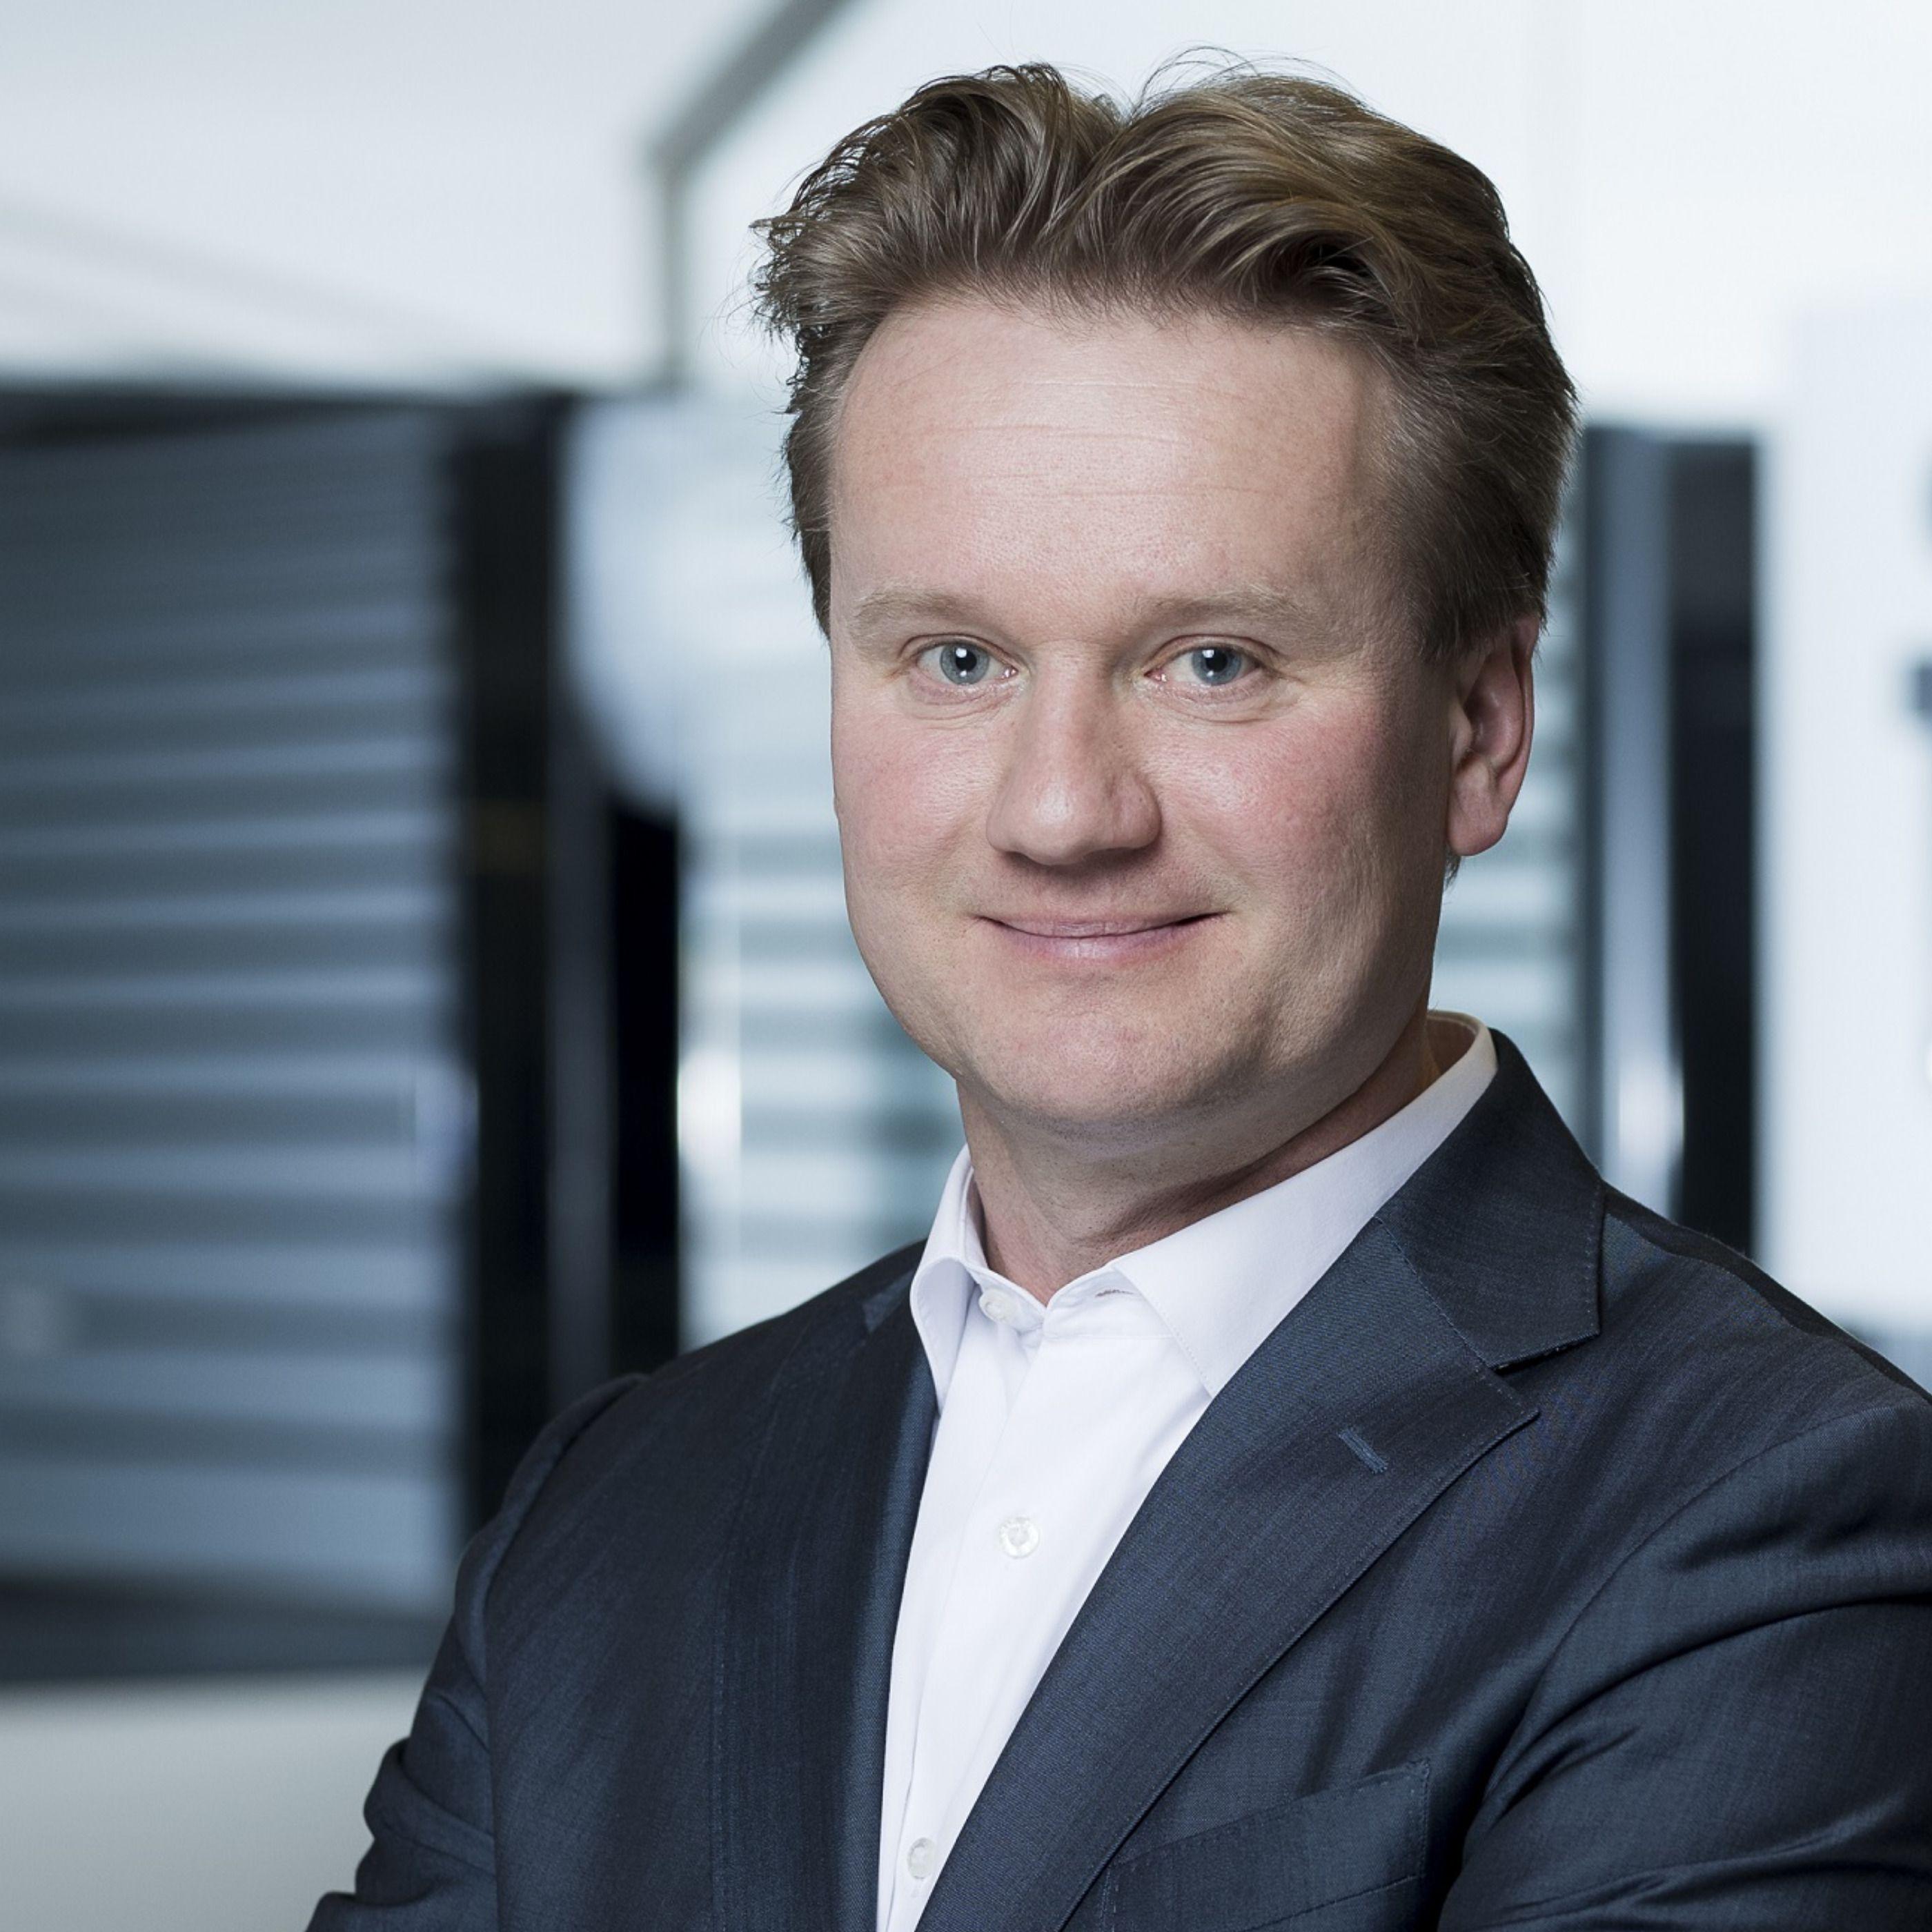 #24: Jung, türkis-nah, steirisch: So ist der neue Industriepräsident Georg Knill